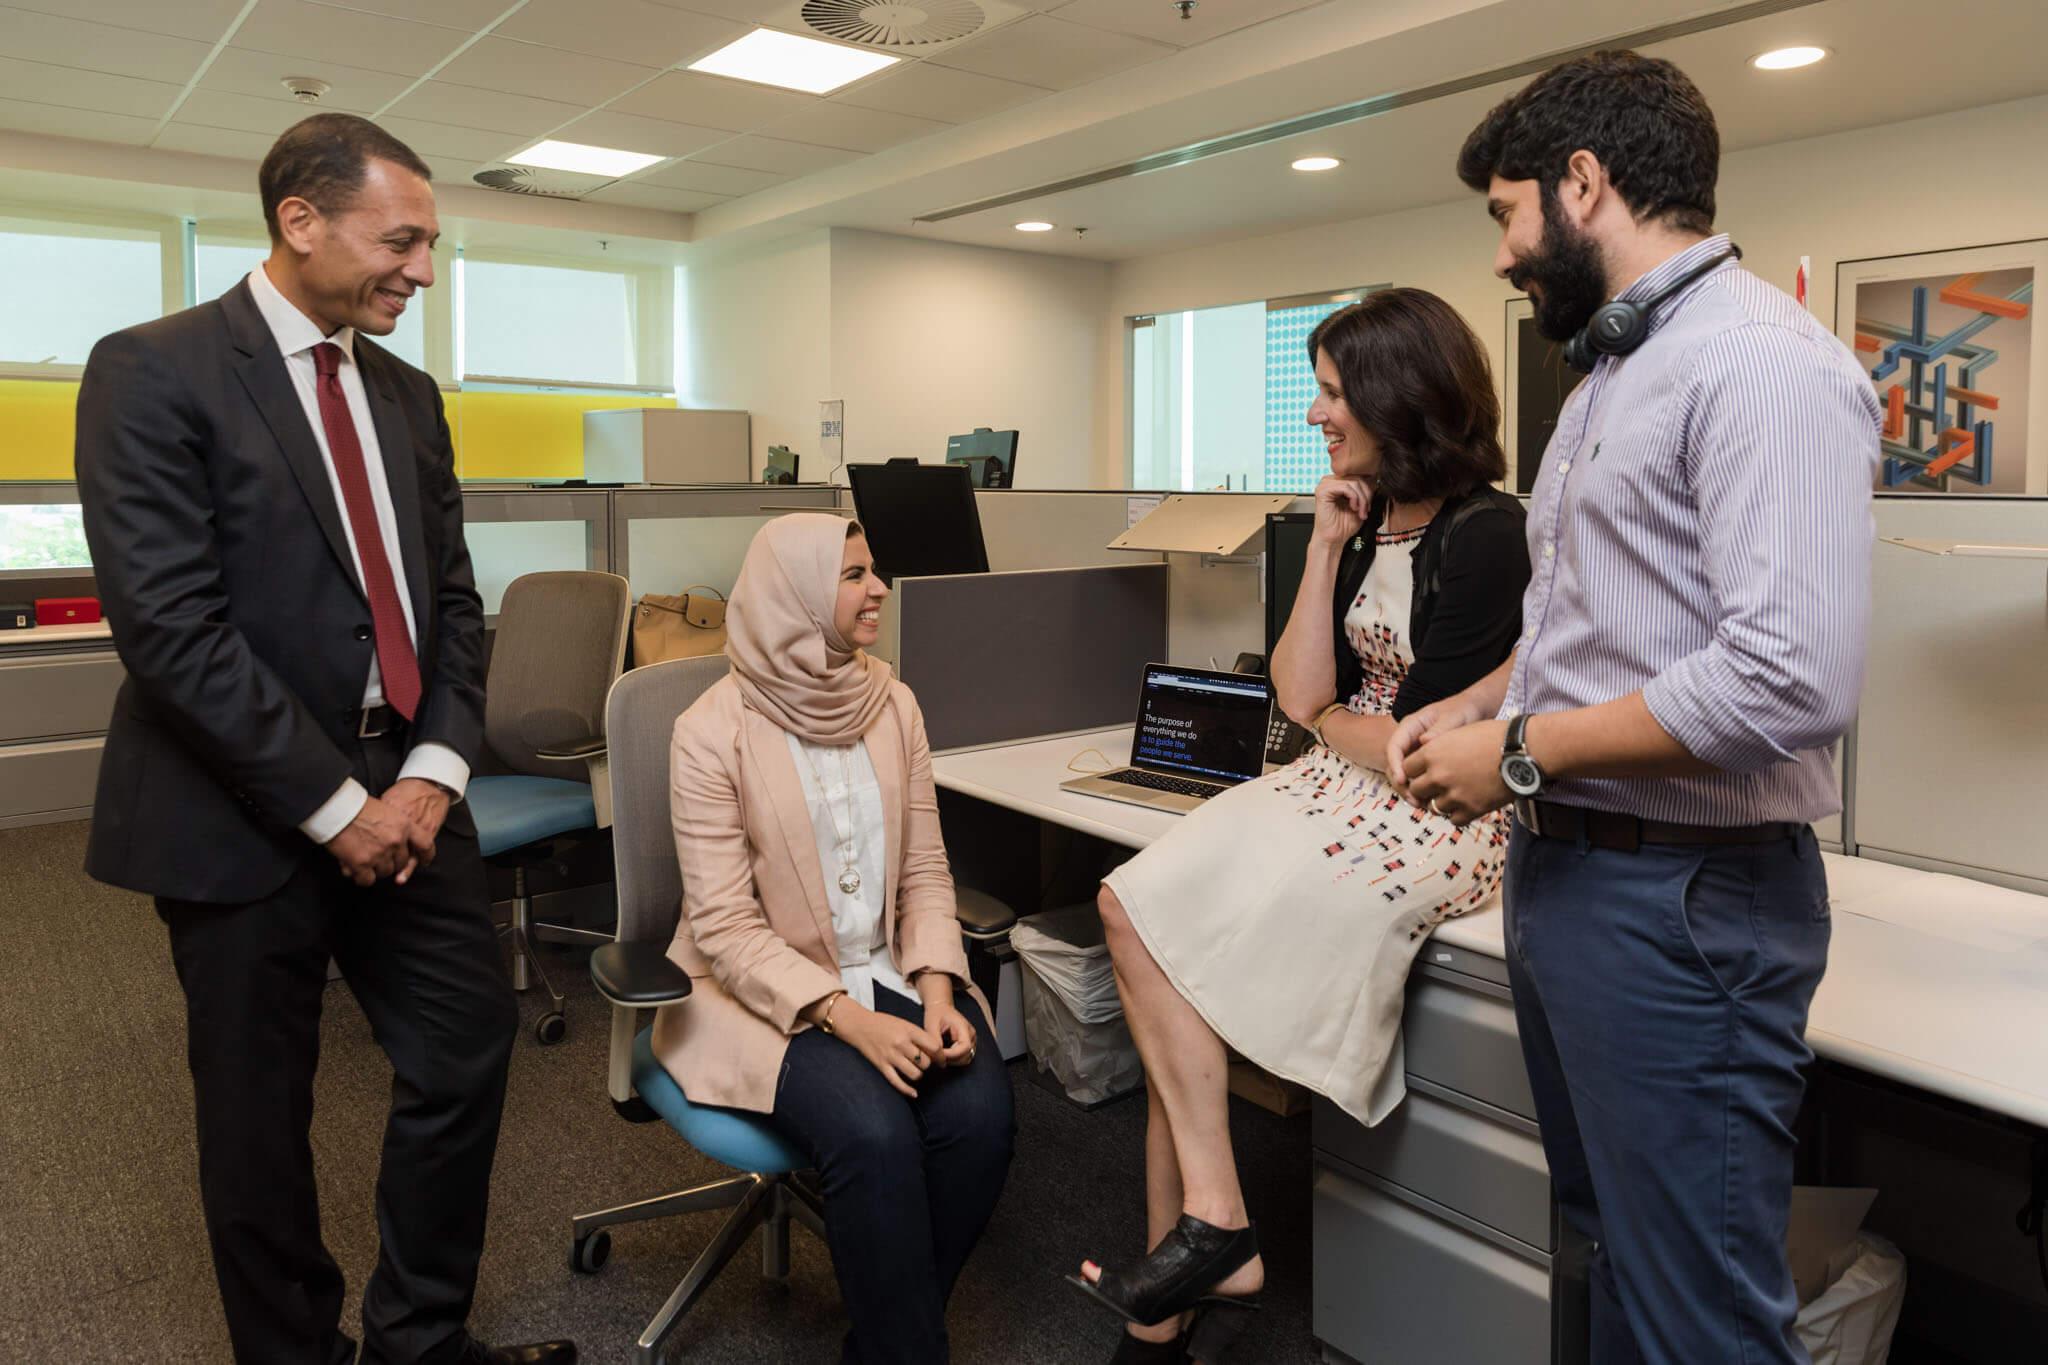 UAE Souq's fate uncertain as Amazon plans new ME e-commerce site